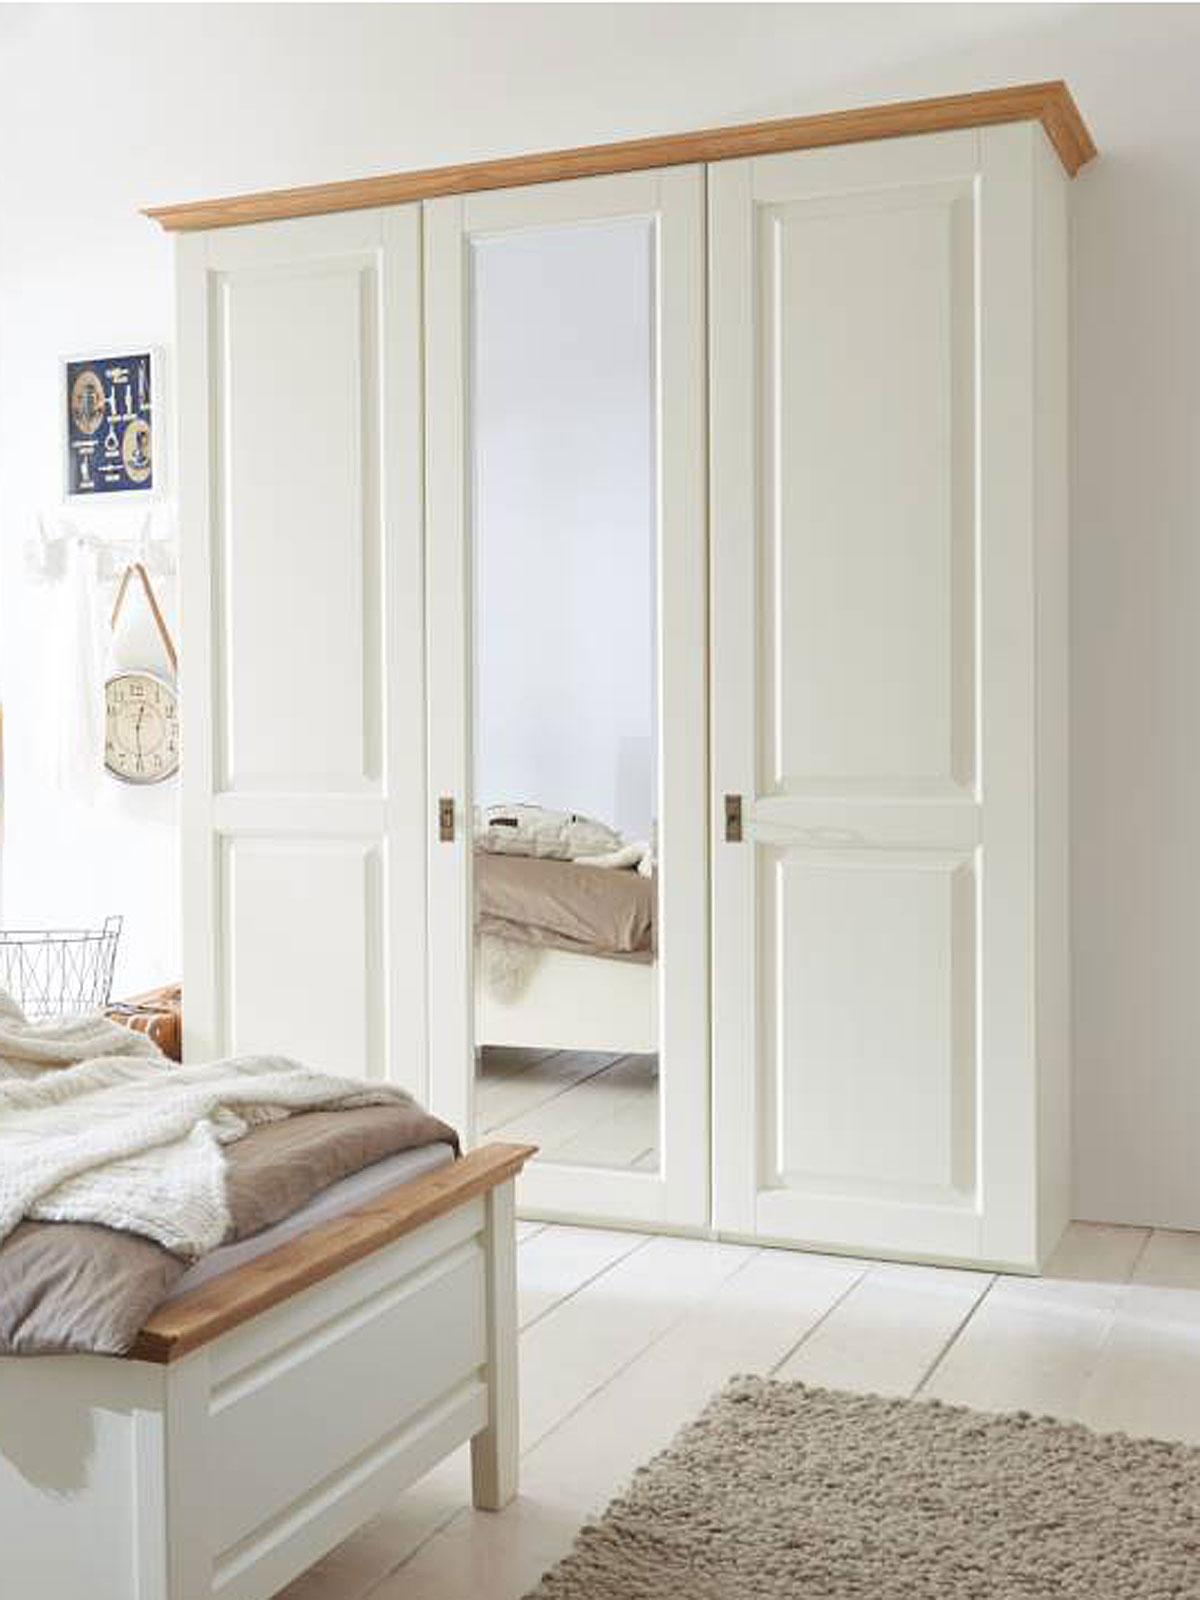 Kleiderschrank Dreams 3 4 5 6 Turig Hohe 228 Cm Mit Holz Und